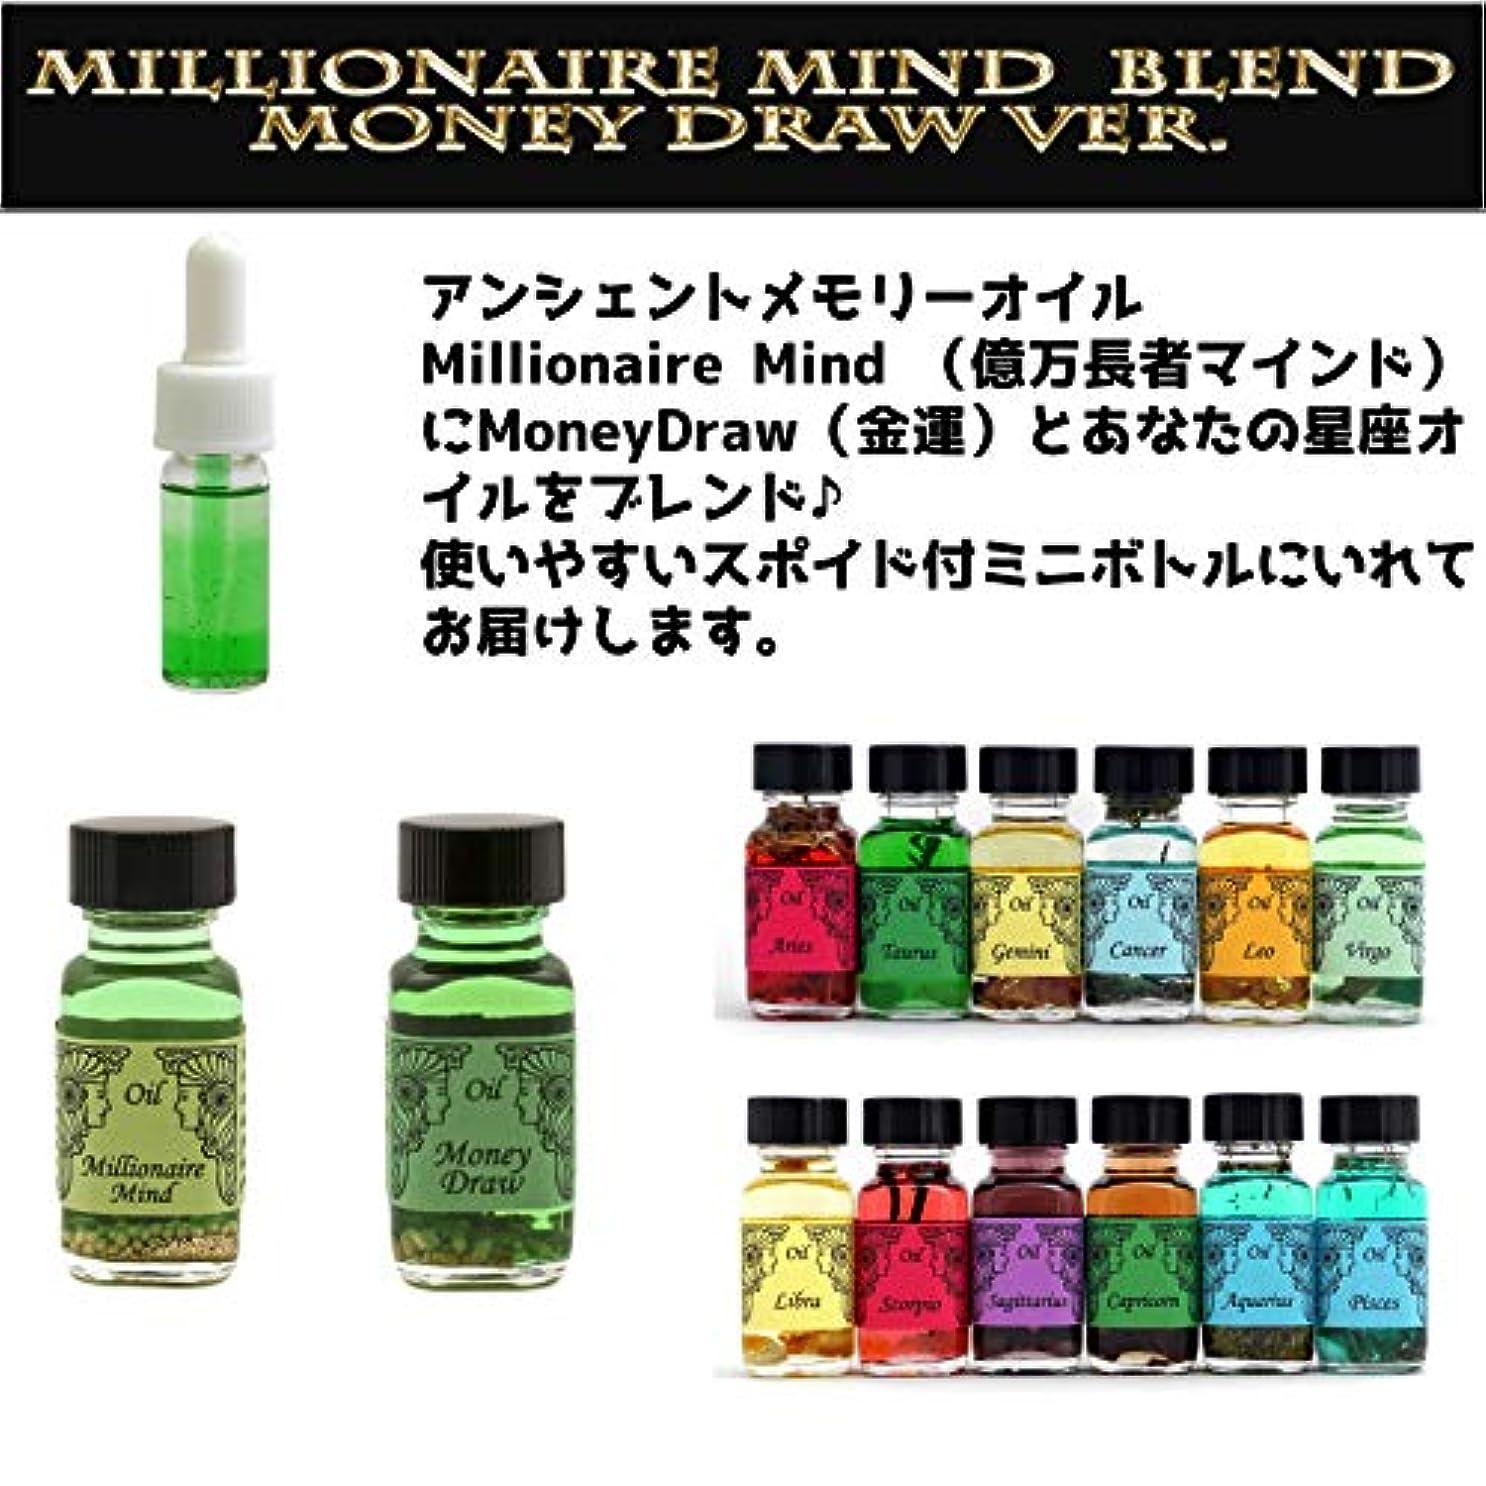 パネルありふれた水っぽいアンシェントメモリーオイル Millionaire Mind 億万長者マインド ブレンド(Money Drawマネードロー(金運)&ふたご座